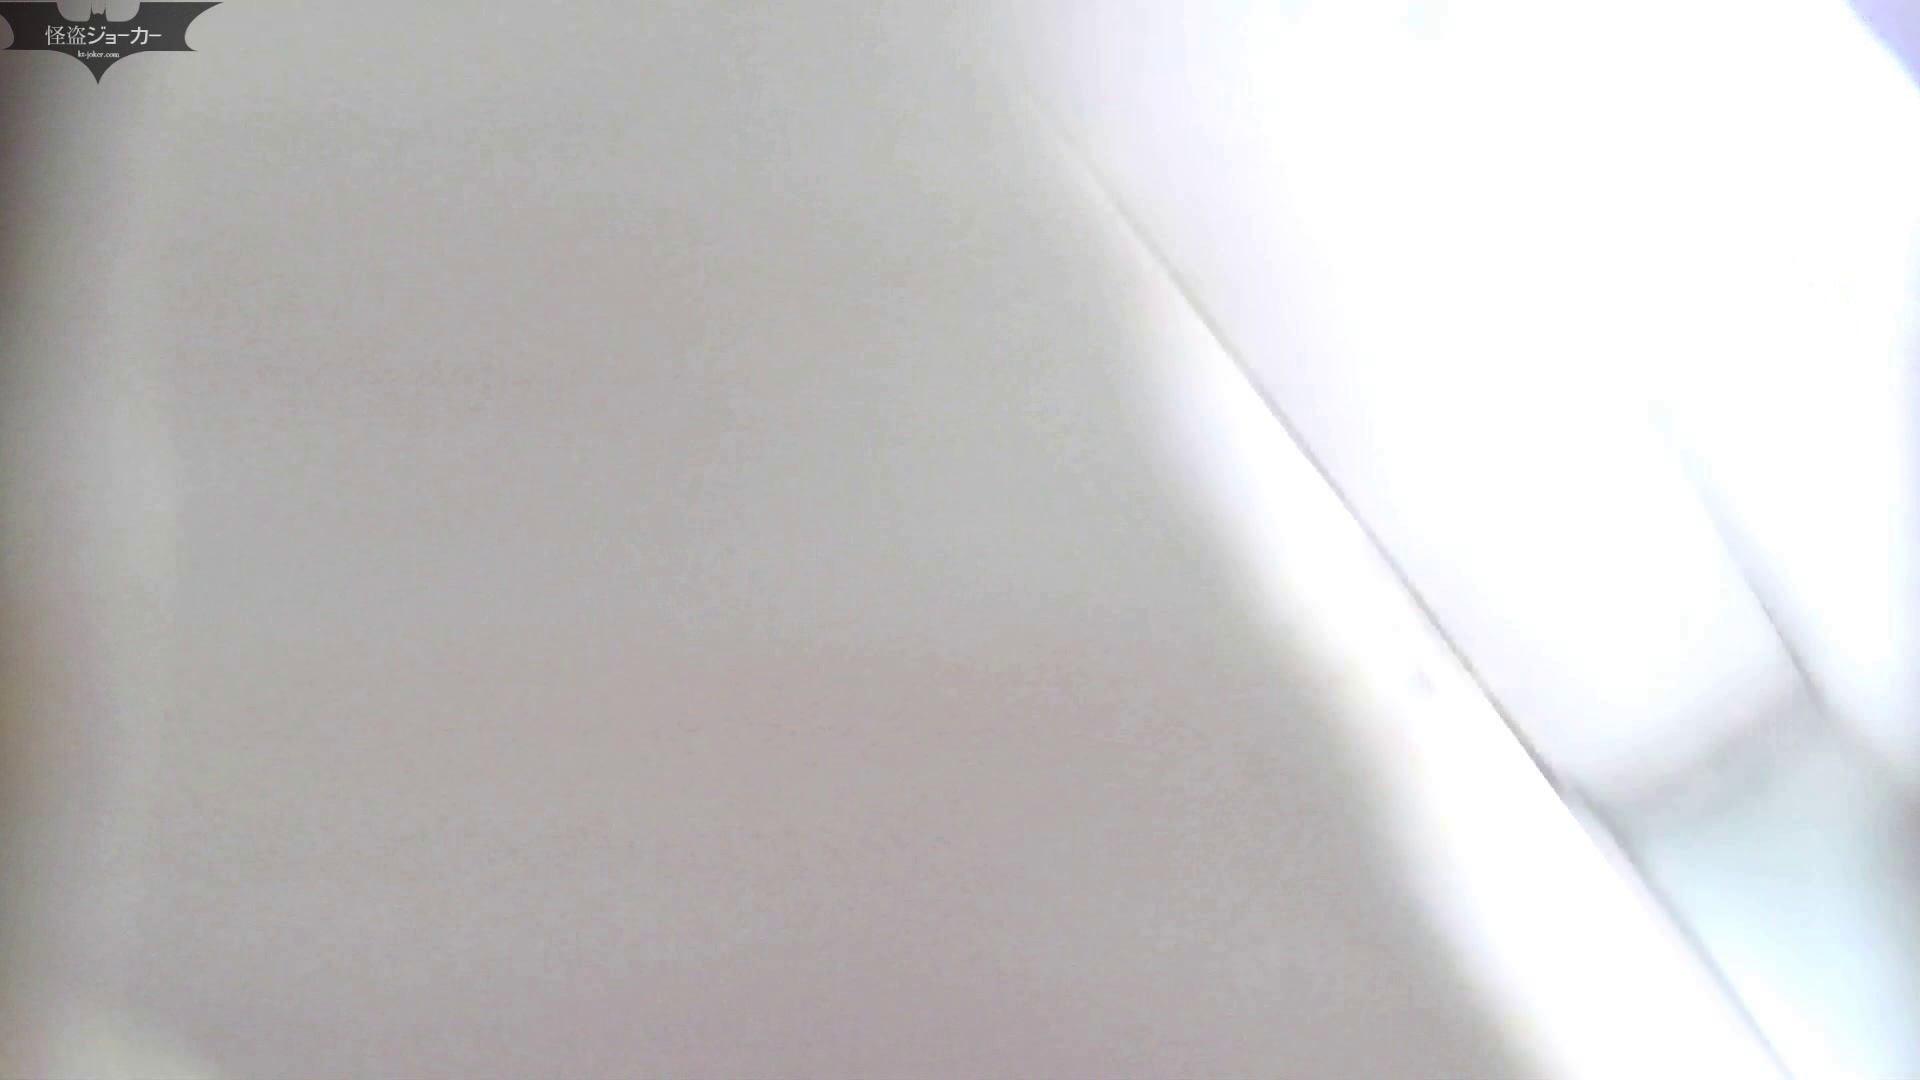 【美しき個室な世界】洗面所特攻隊 vol.051 お姉さんのSEX ぱこり動画紹介 100枚 32